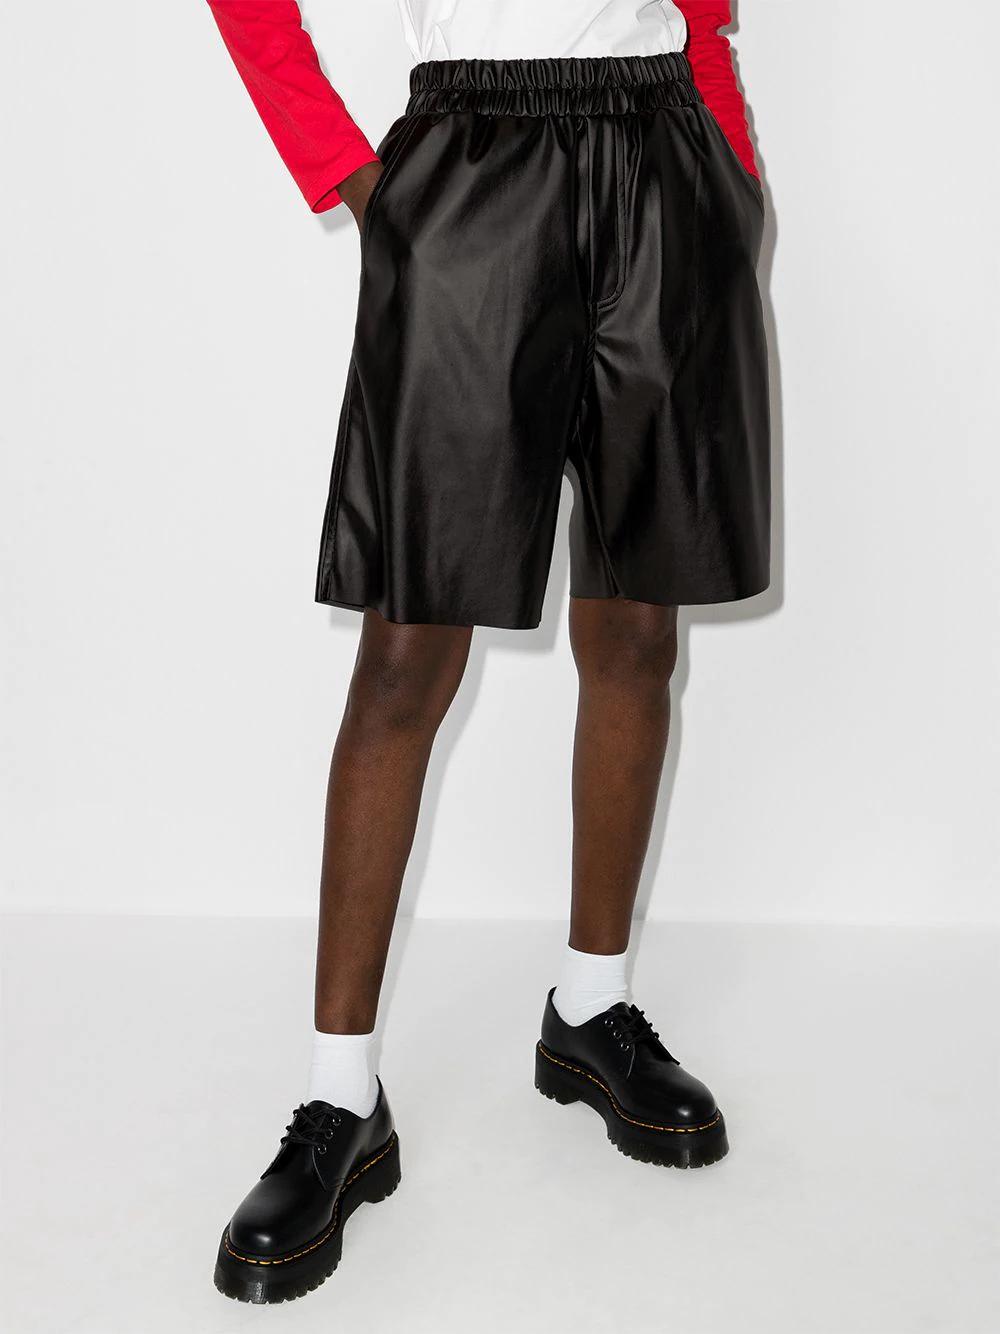 Natasha Zinko Wide-leg Faux Leather Shorts 551лв